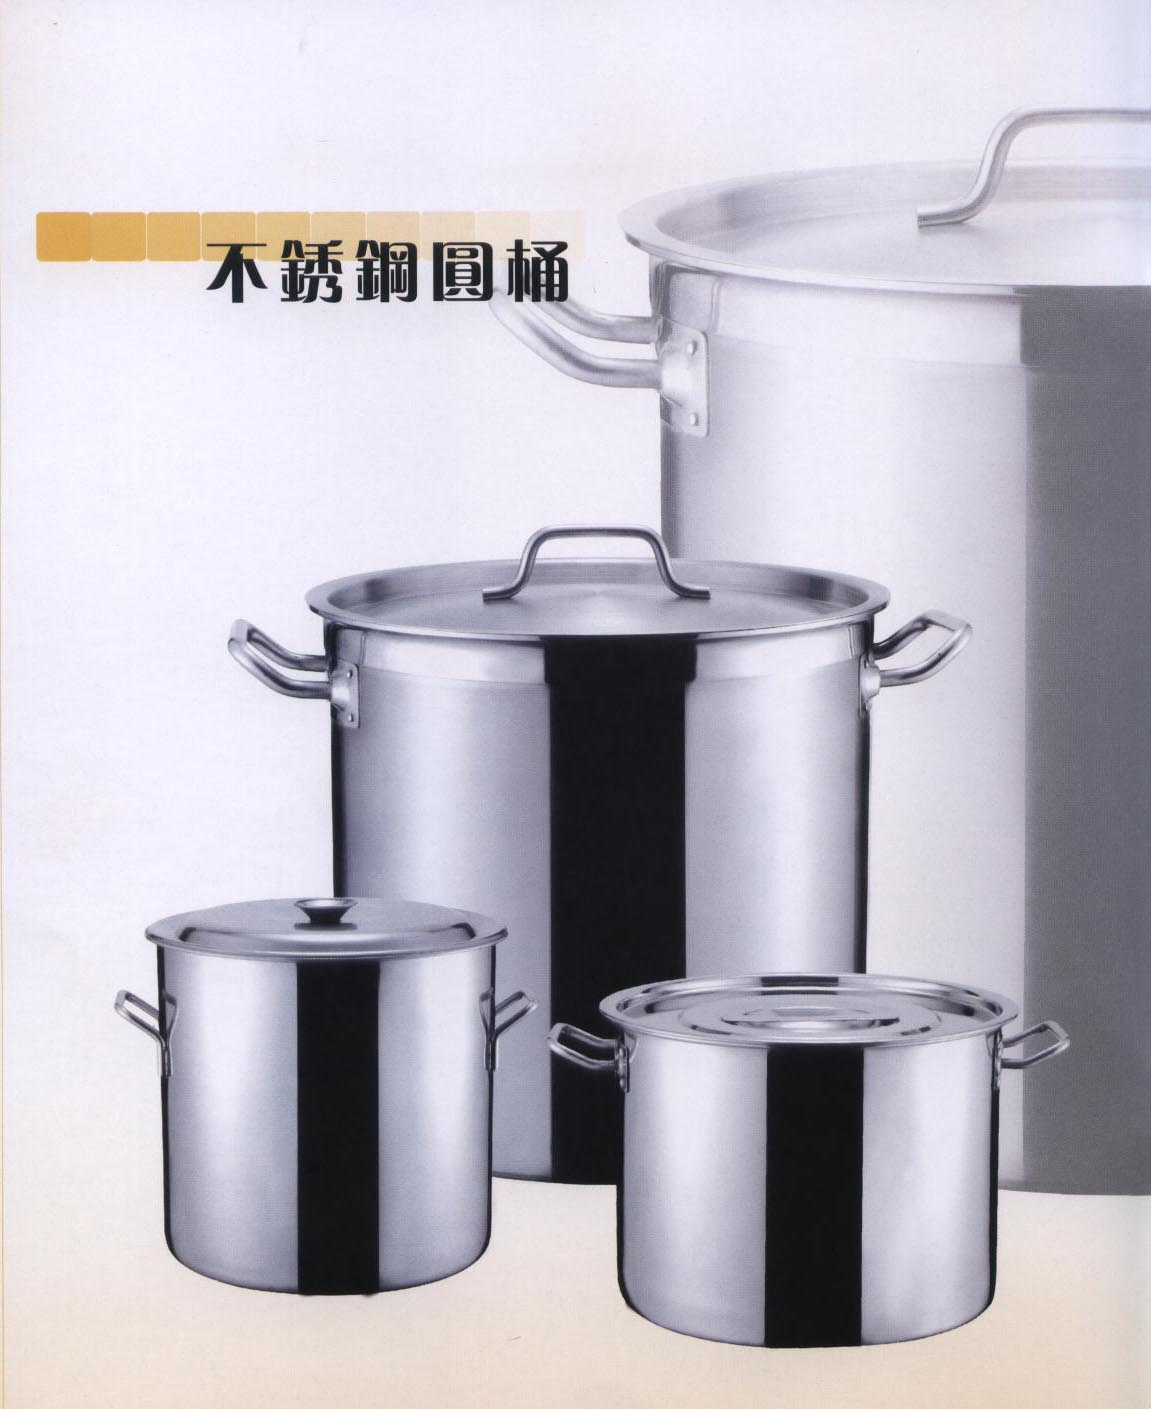 不锈钢圆桶